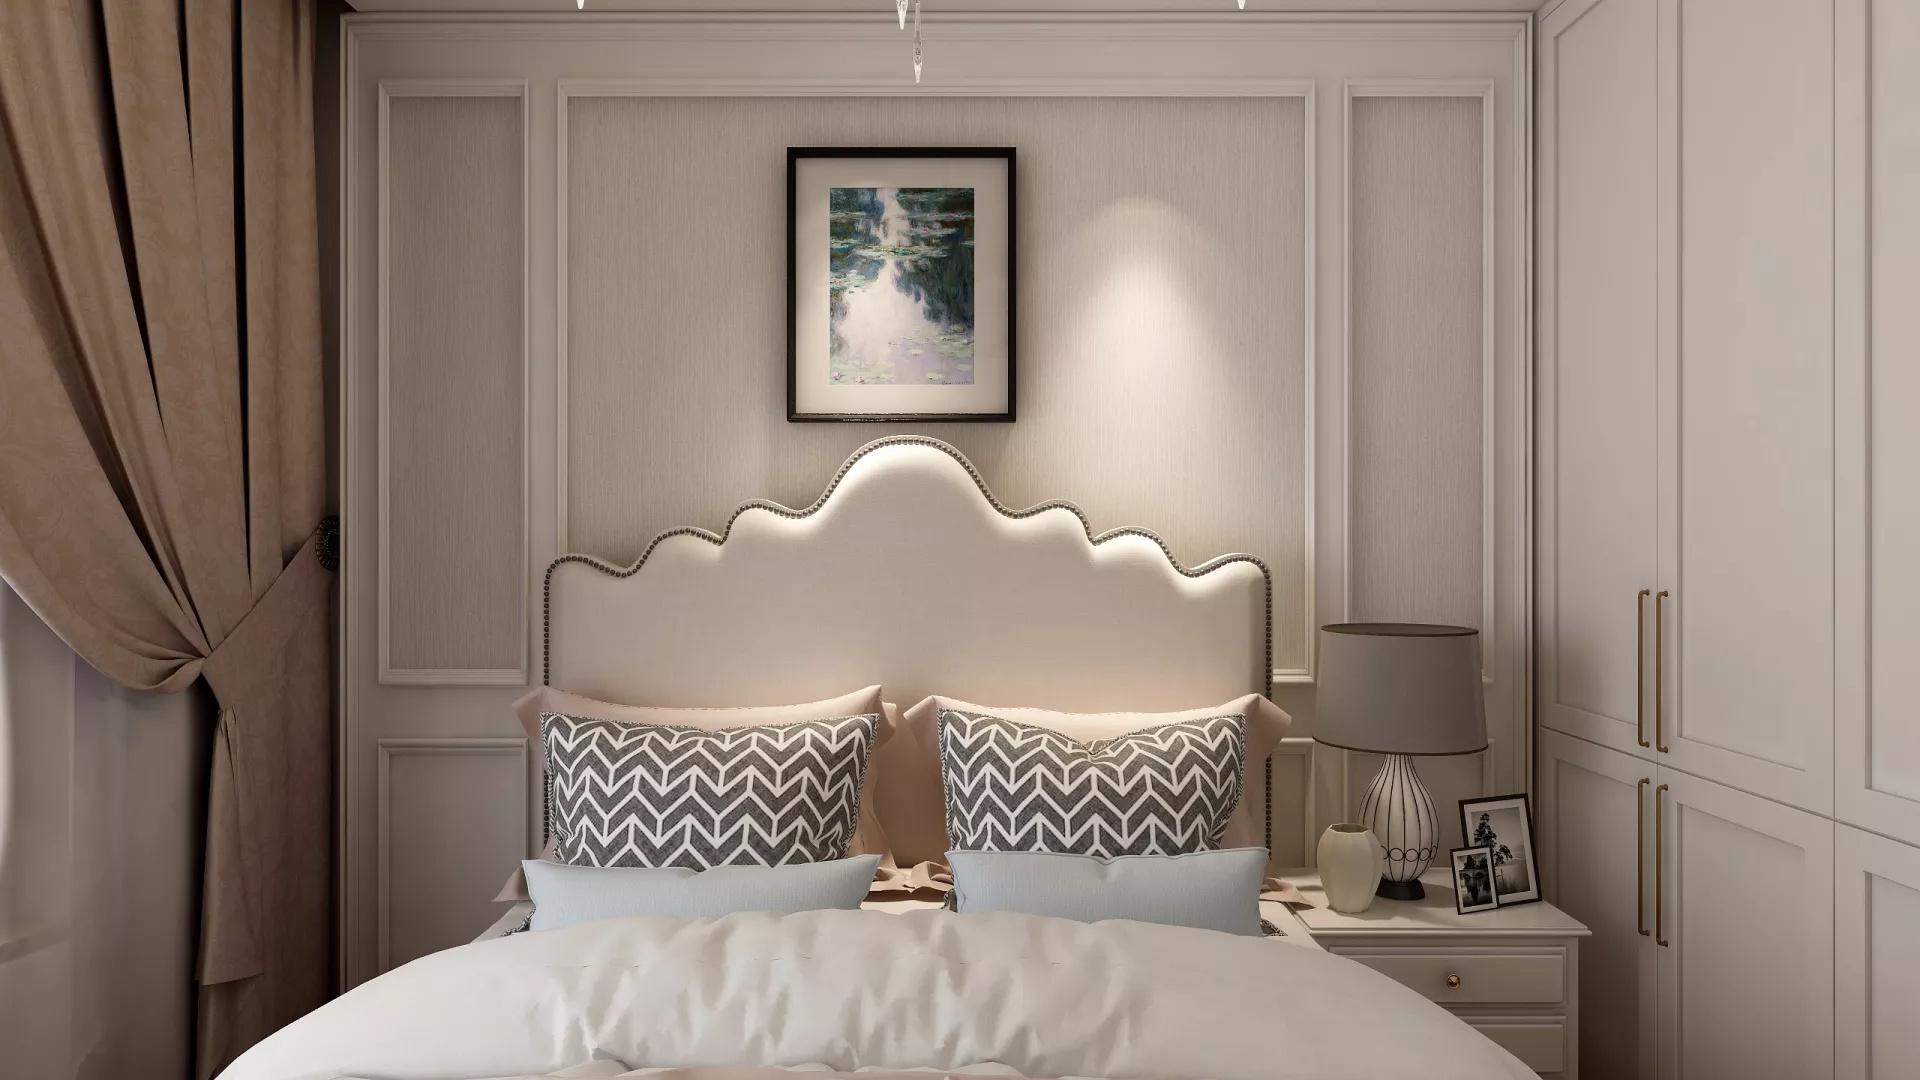 装修技巧之卧室装修风格选择技巧